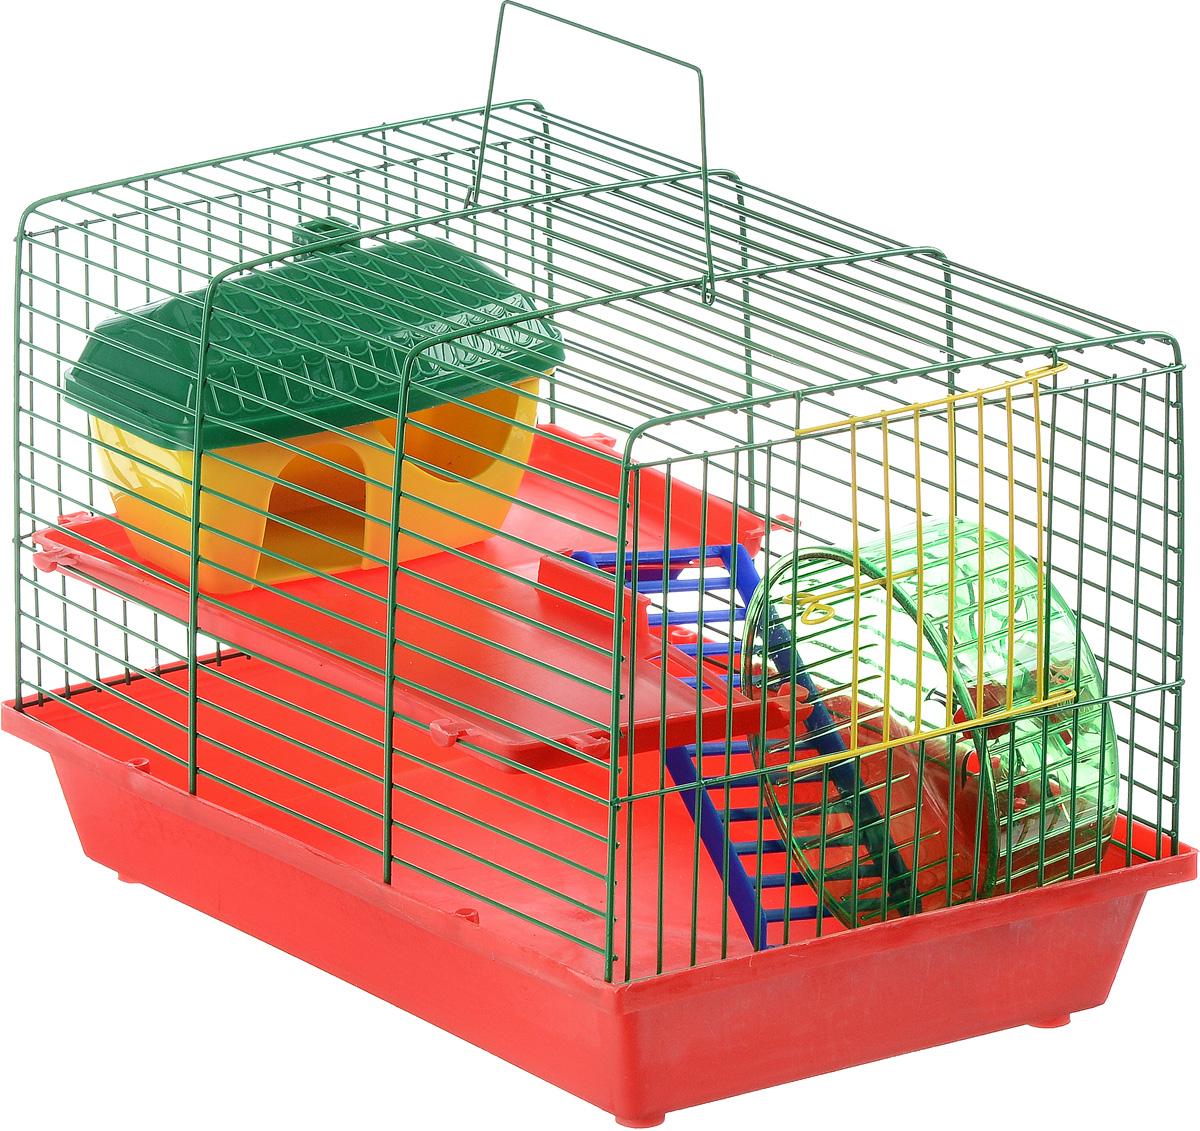 Клетка для грызунов ЗооМарк, 2-этажная, цвет: красный поддон, зеленая решетка, красные этажи, 36 х 23 х 24 см клетка для грызунов зоомарк гризли 4 этажная цвет красный поддон синяя решетка красные этажи 41 х 30 х 50 см